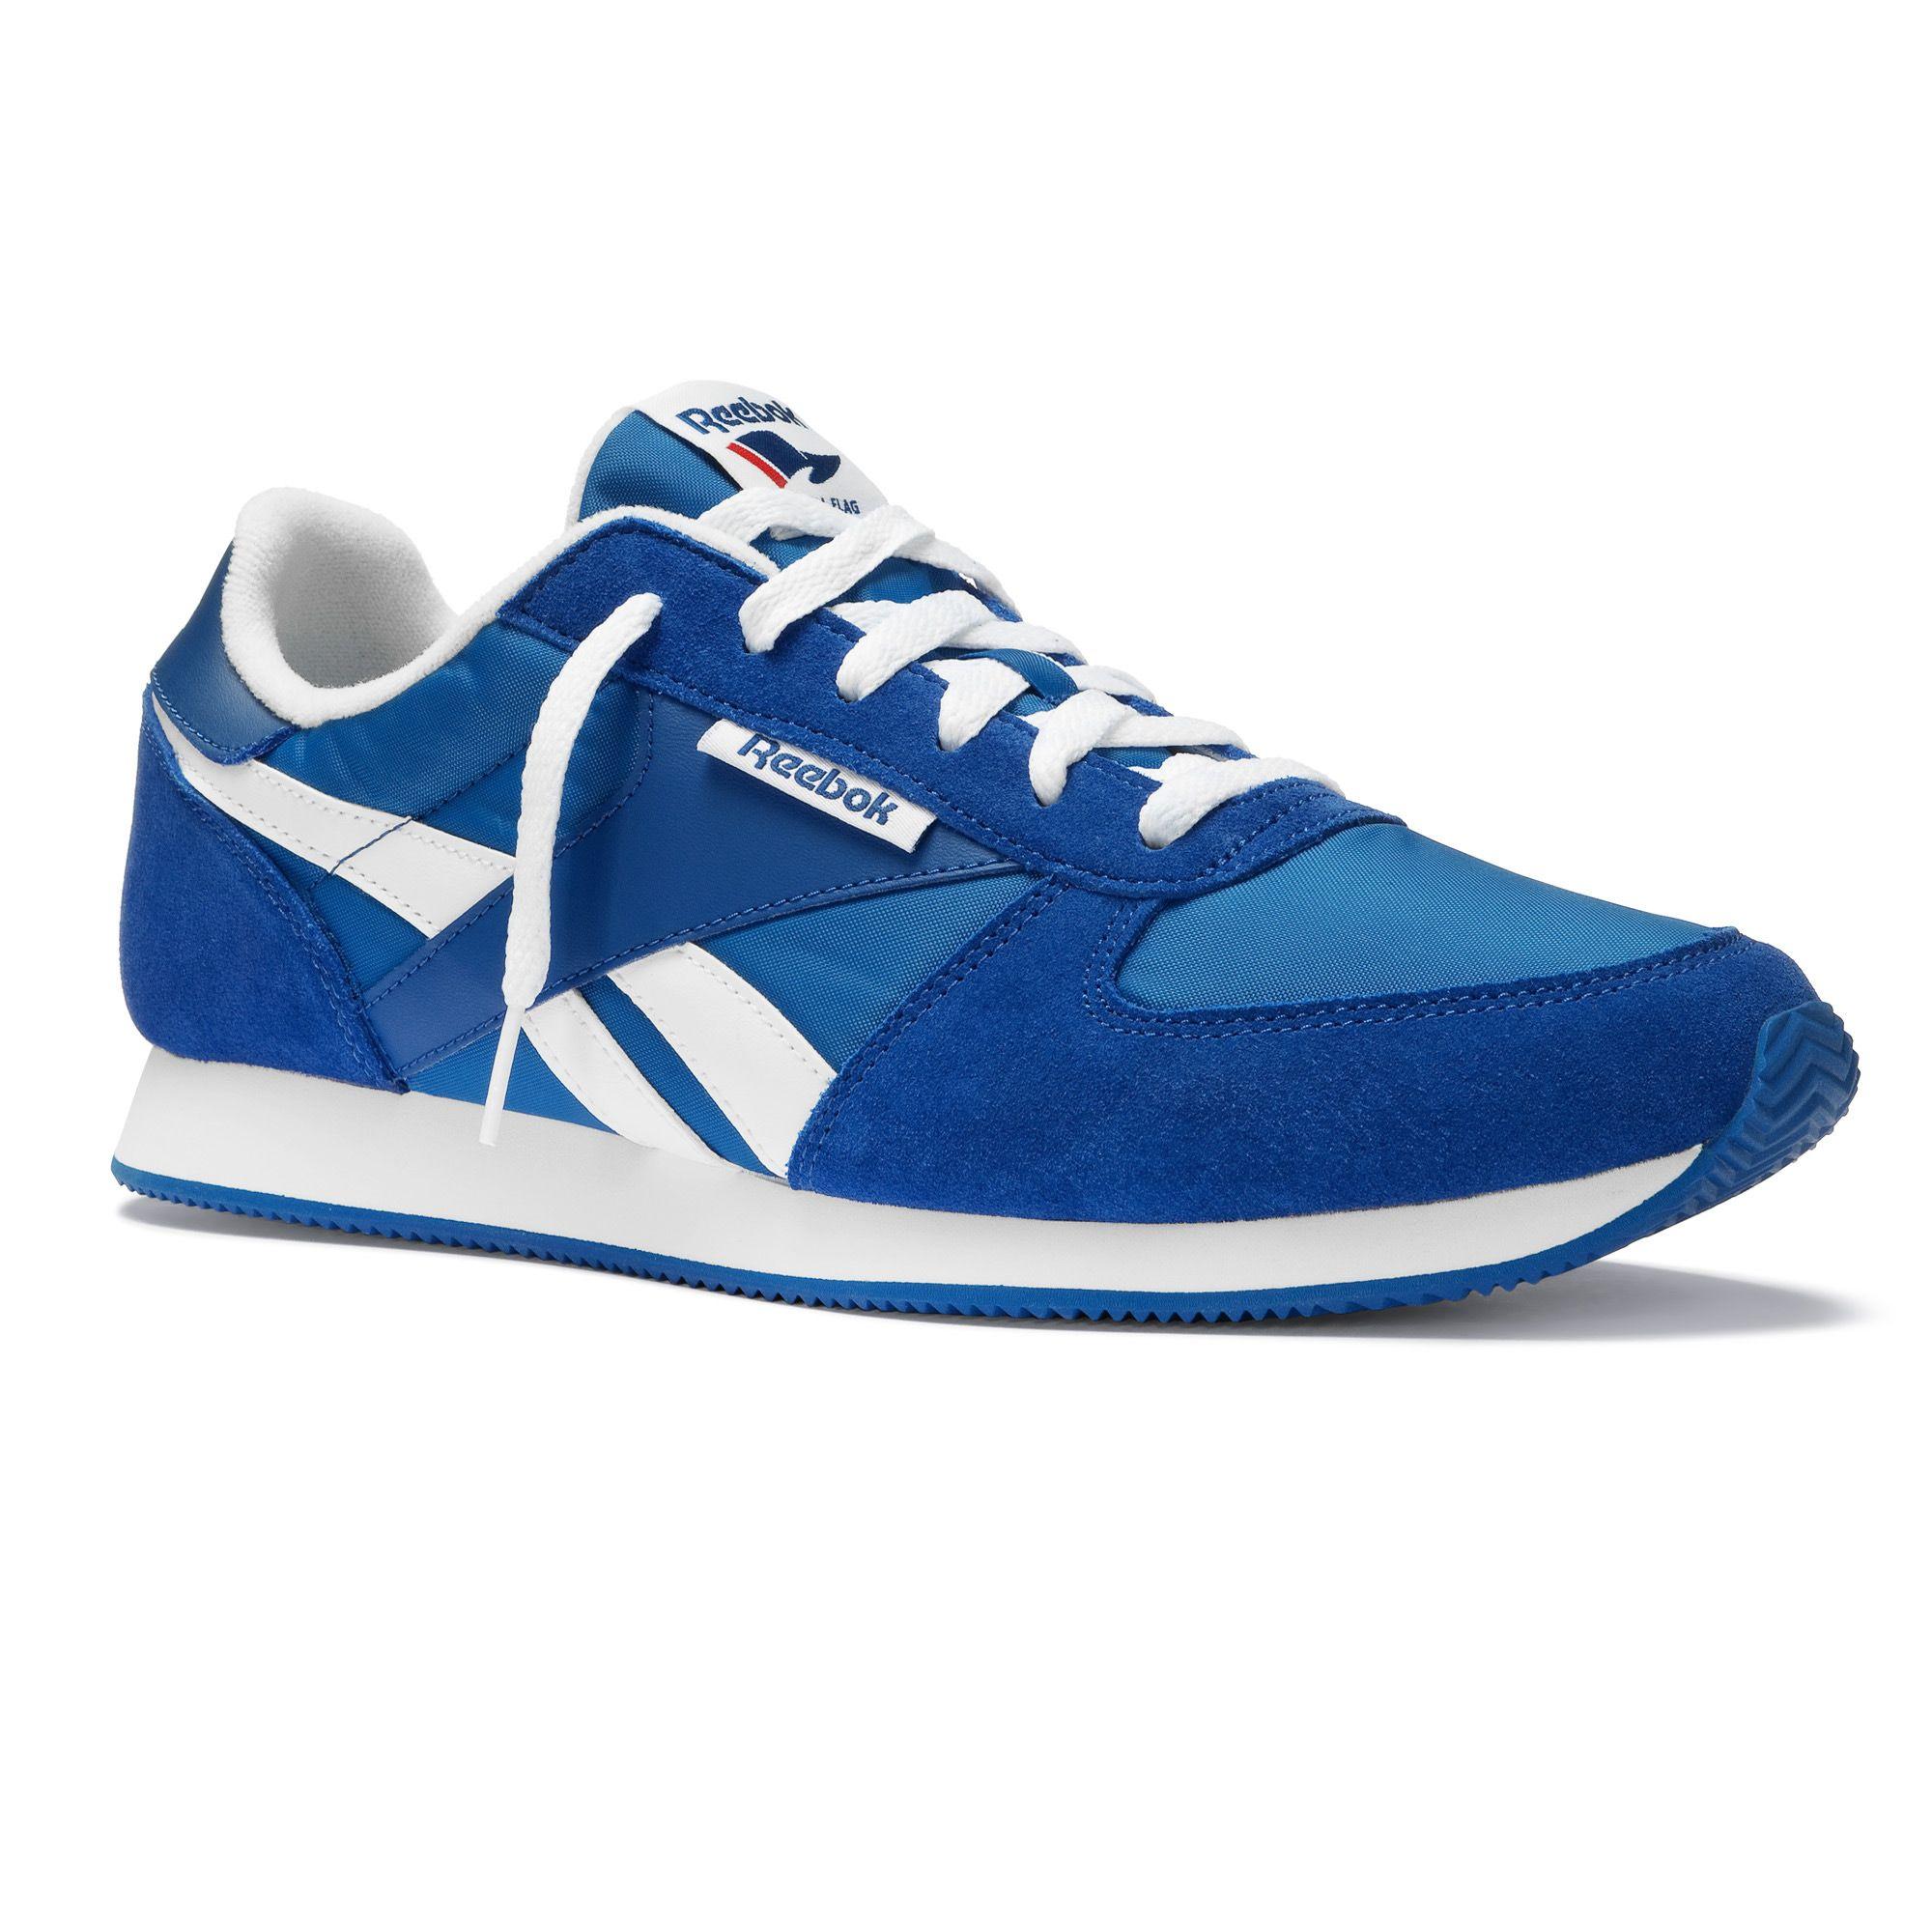 4b0ed88822c05 ... Men Shoes Reebok Royal Classic Jogger ...